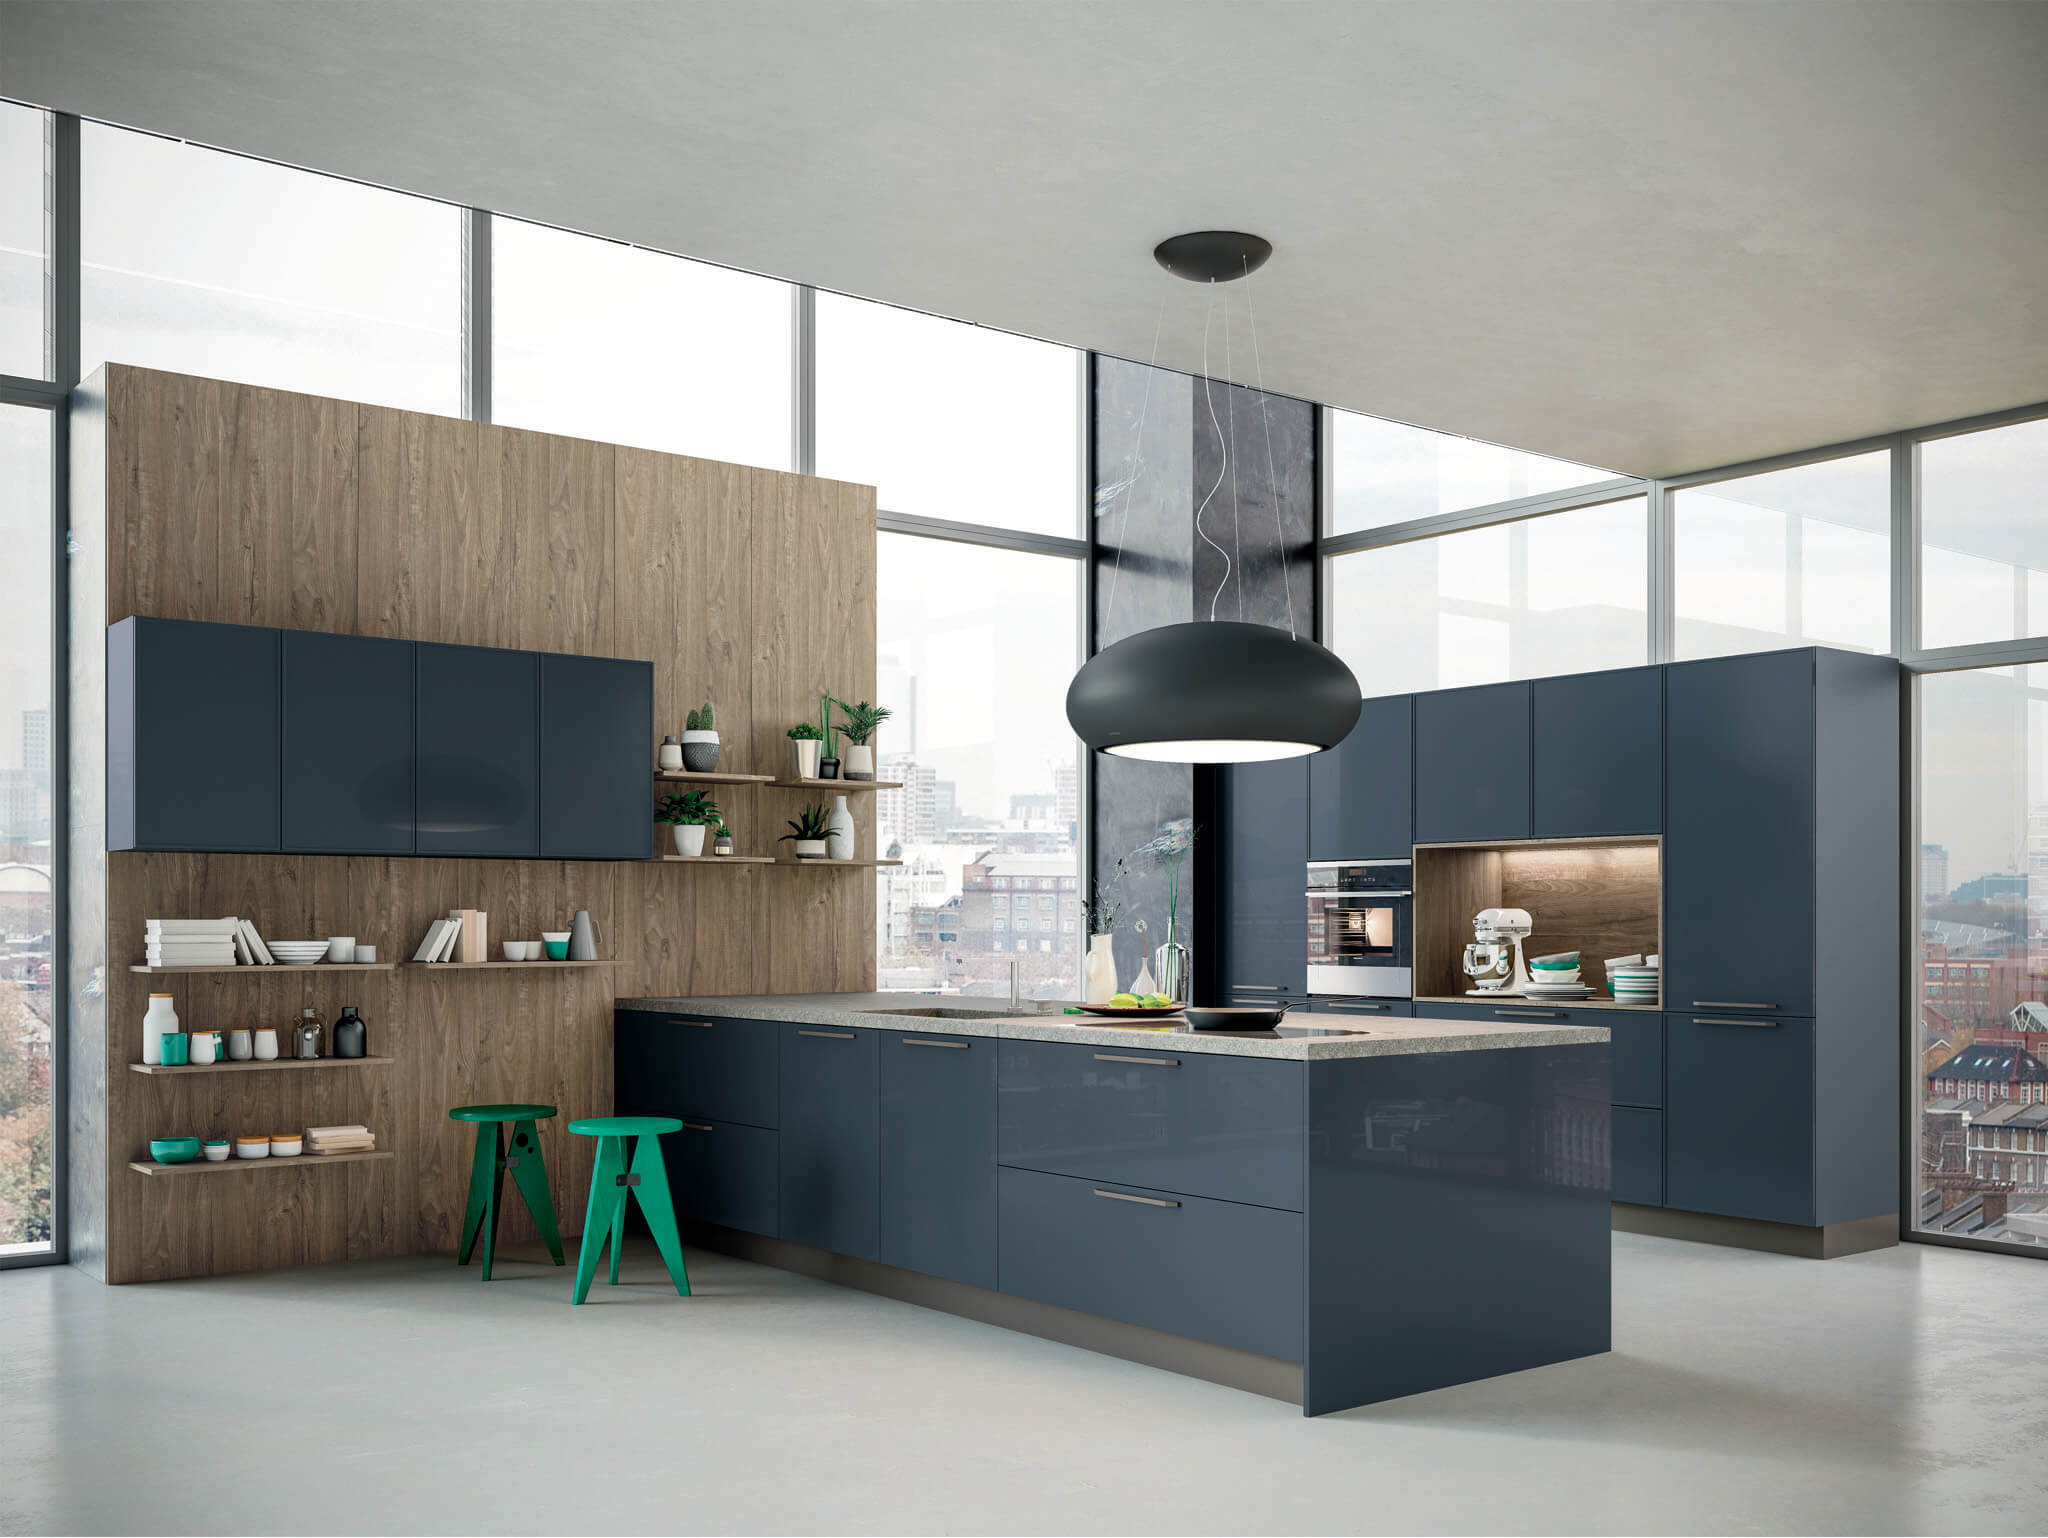 karen kitchen cabinetry archisesto chicago